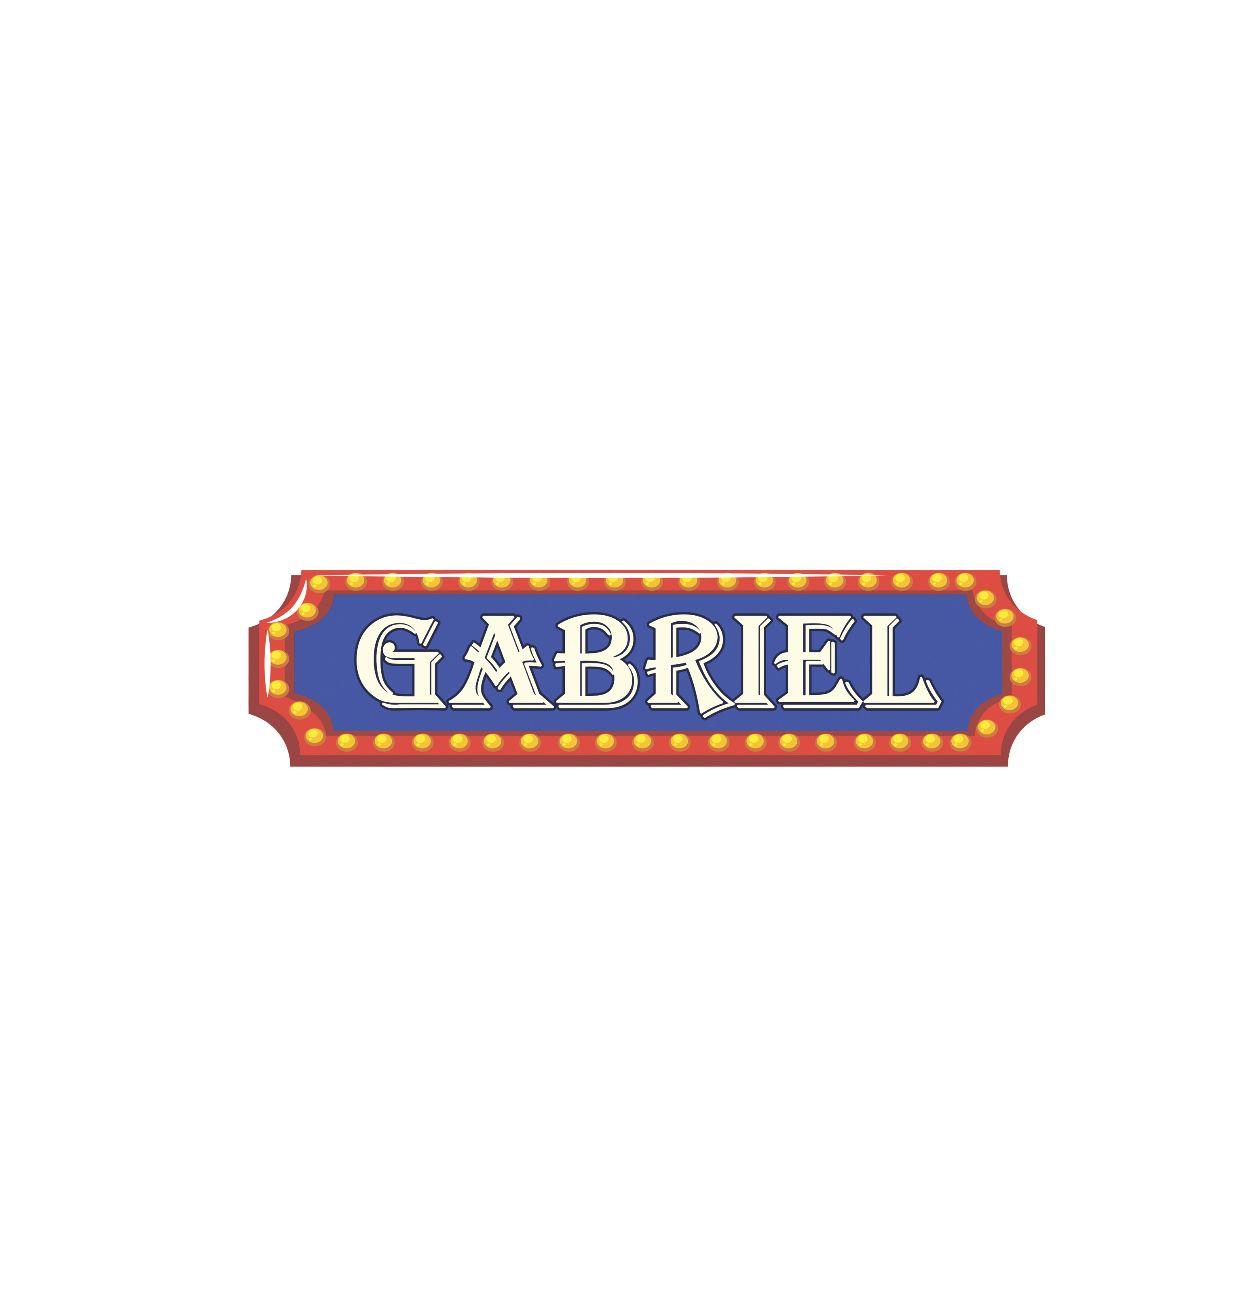 Габриэль | Габриэль, Открытки